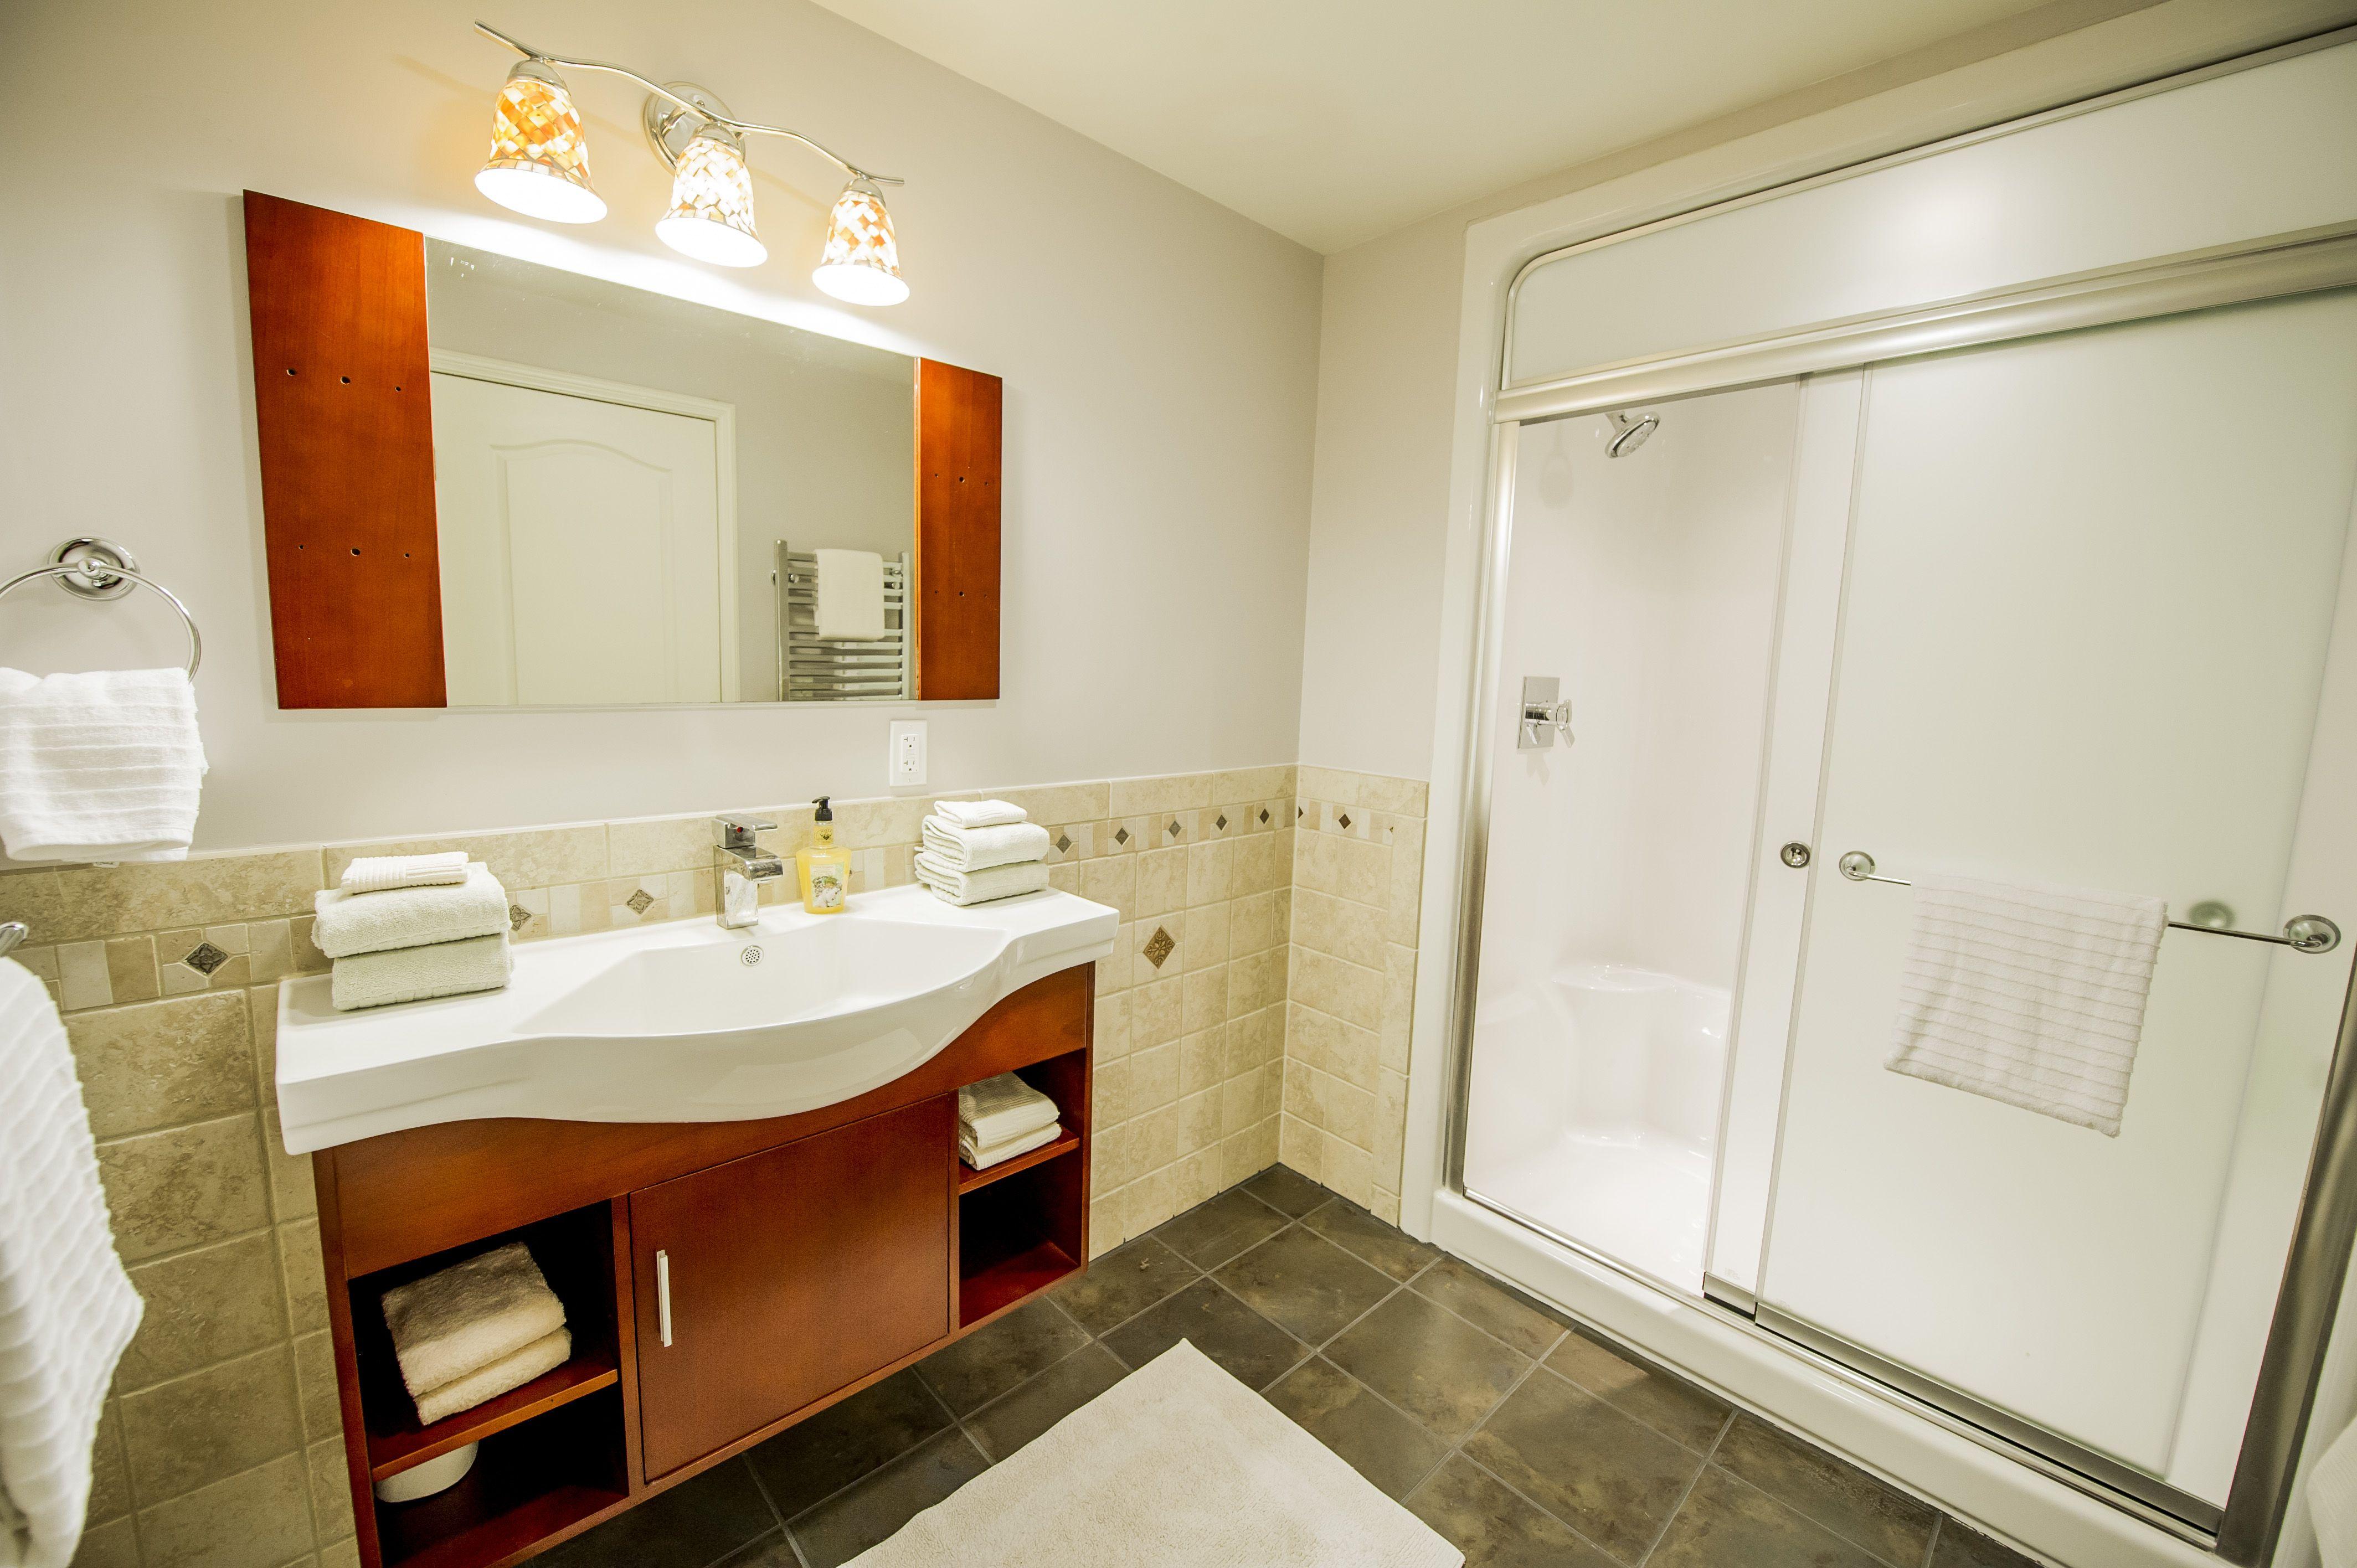 Komplettes Badezimmer Renovierung - Wenn Ihr Spiegel ist mittig über ...